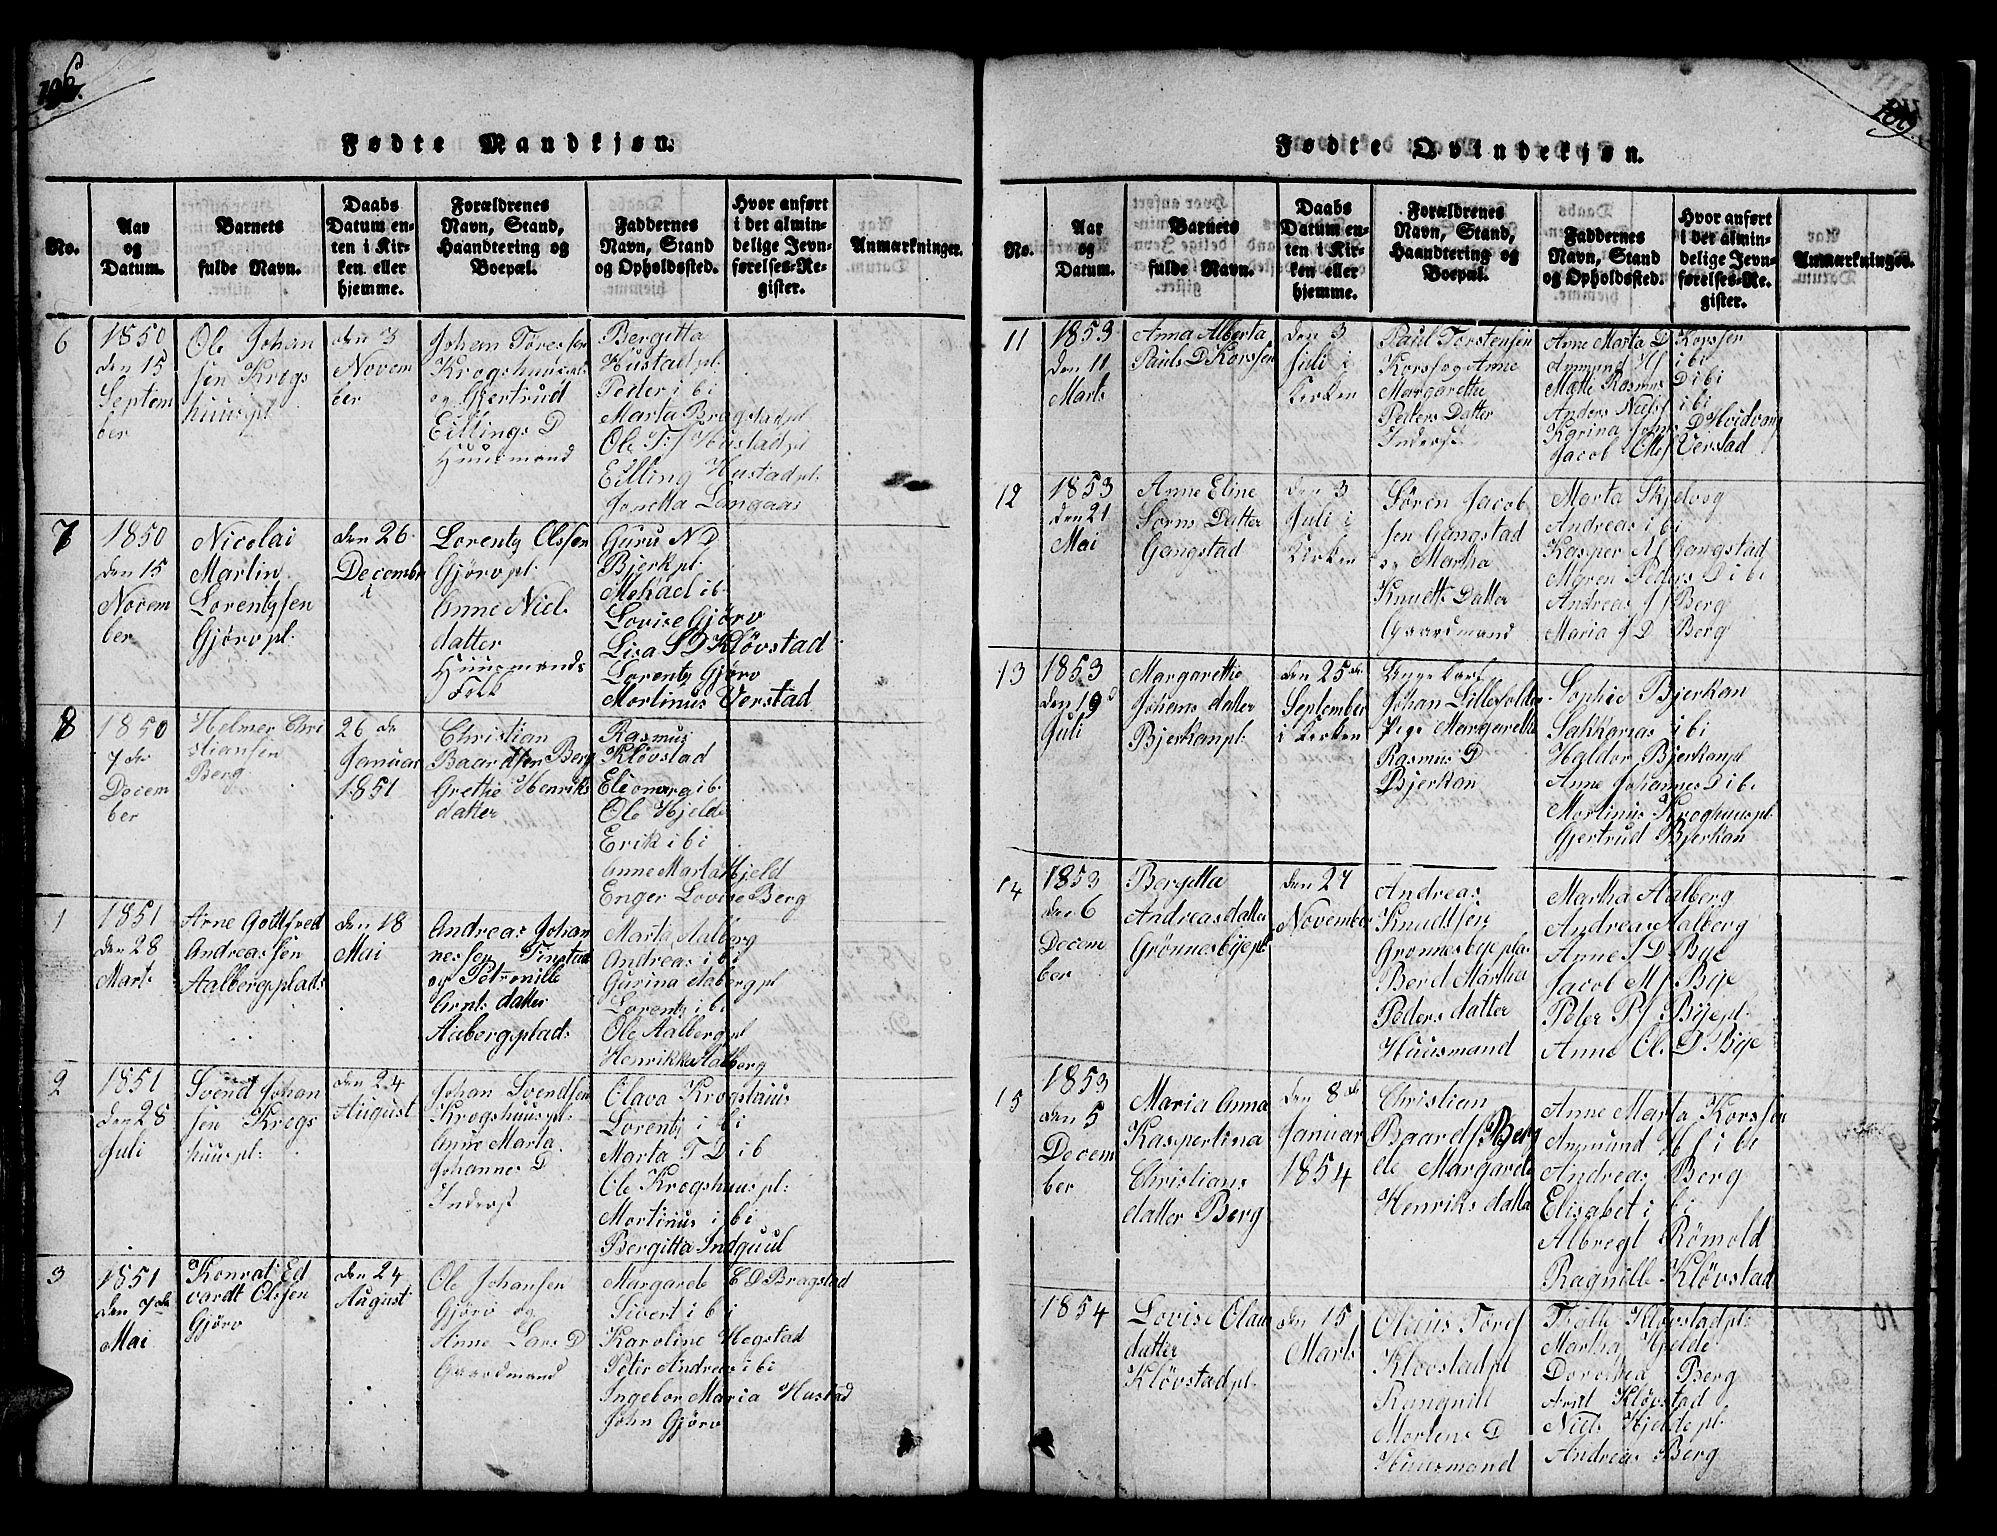 SAT, Ministerialprotokoller, klokkerbøker og fødselsregistre - Nord-Trøndelag, 732/L0317: Klokkerbok nr. 732C01, 1816-1881, s. 108-109